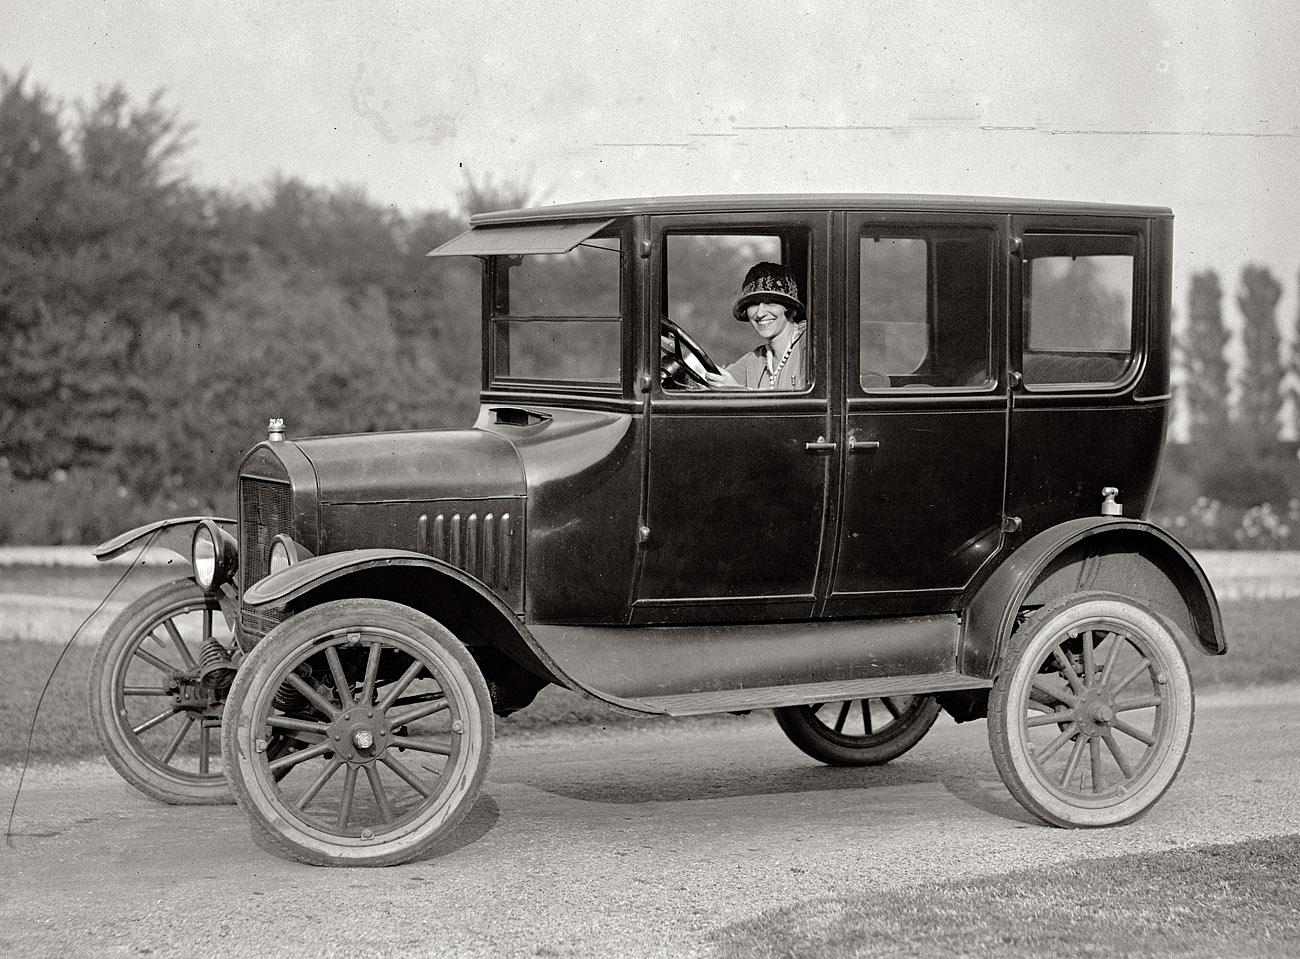 cu l es el coche m s importante de la historia automotriz columnazero. Black Bedroom Furniture Sets. Home Design Ideas